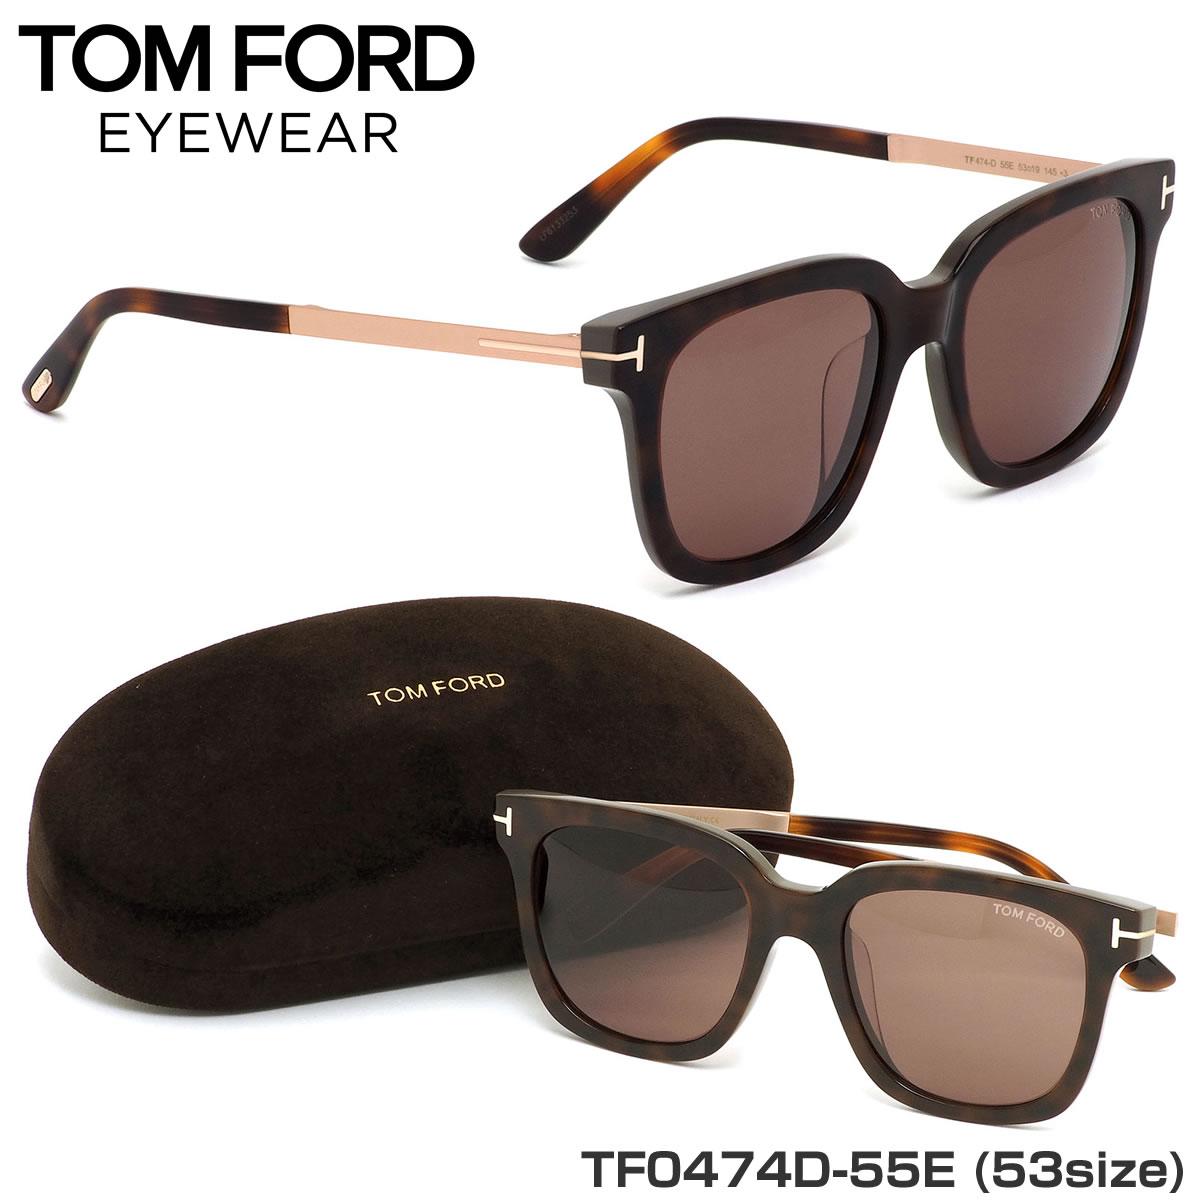 ポイント最大42倍!!お得なクーポンも !! TOM FORD トムフォード サングラスTF0474D 55E 53サイズTOMFORD 日本設計モデルトムフォードTOMFORD メンズ レディース